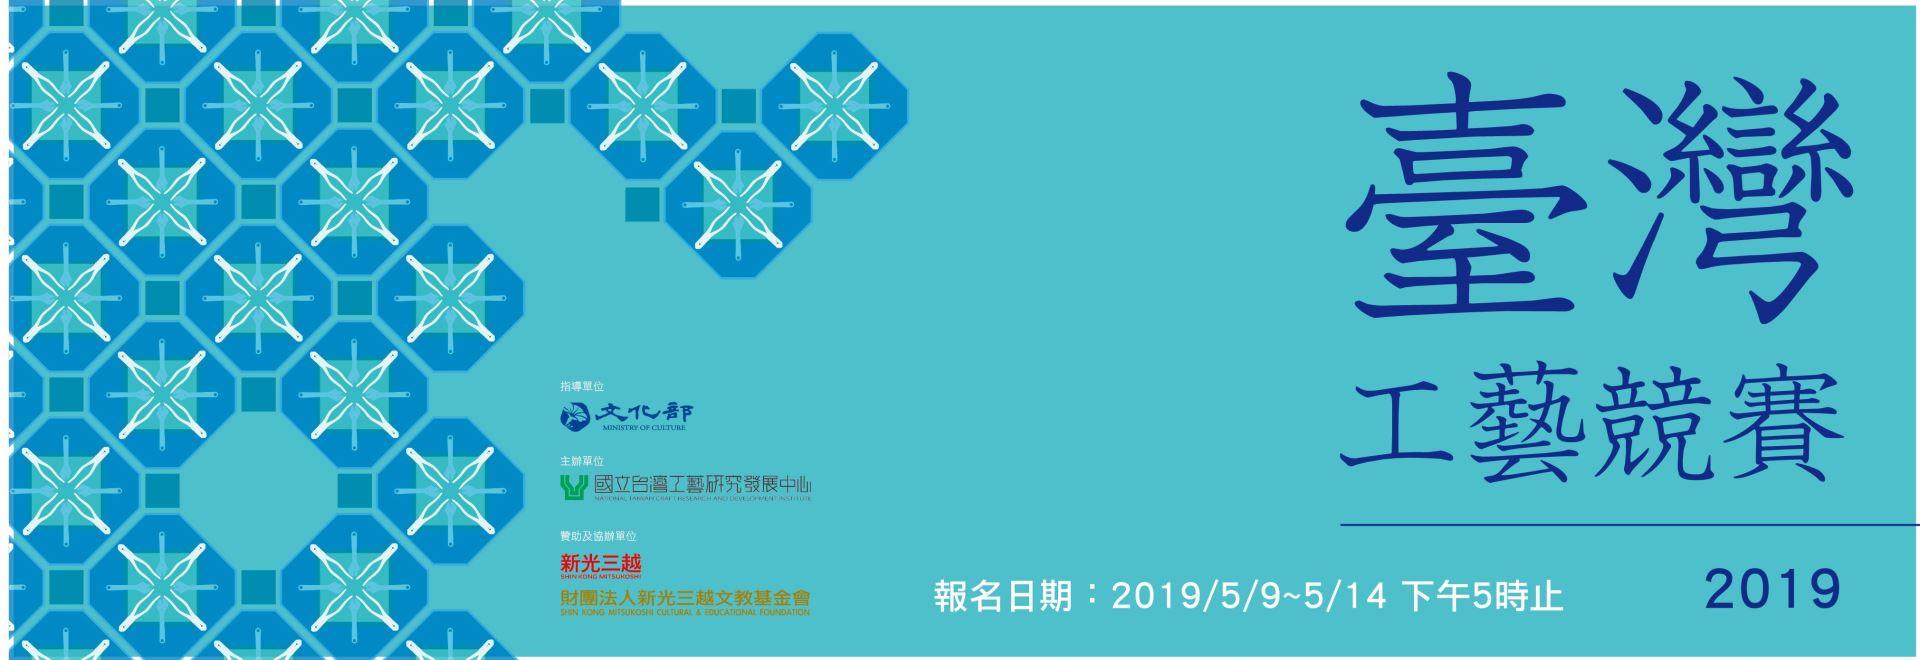 2019臺灣工藝競賽[另開新視窗]